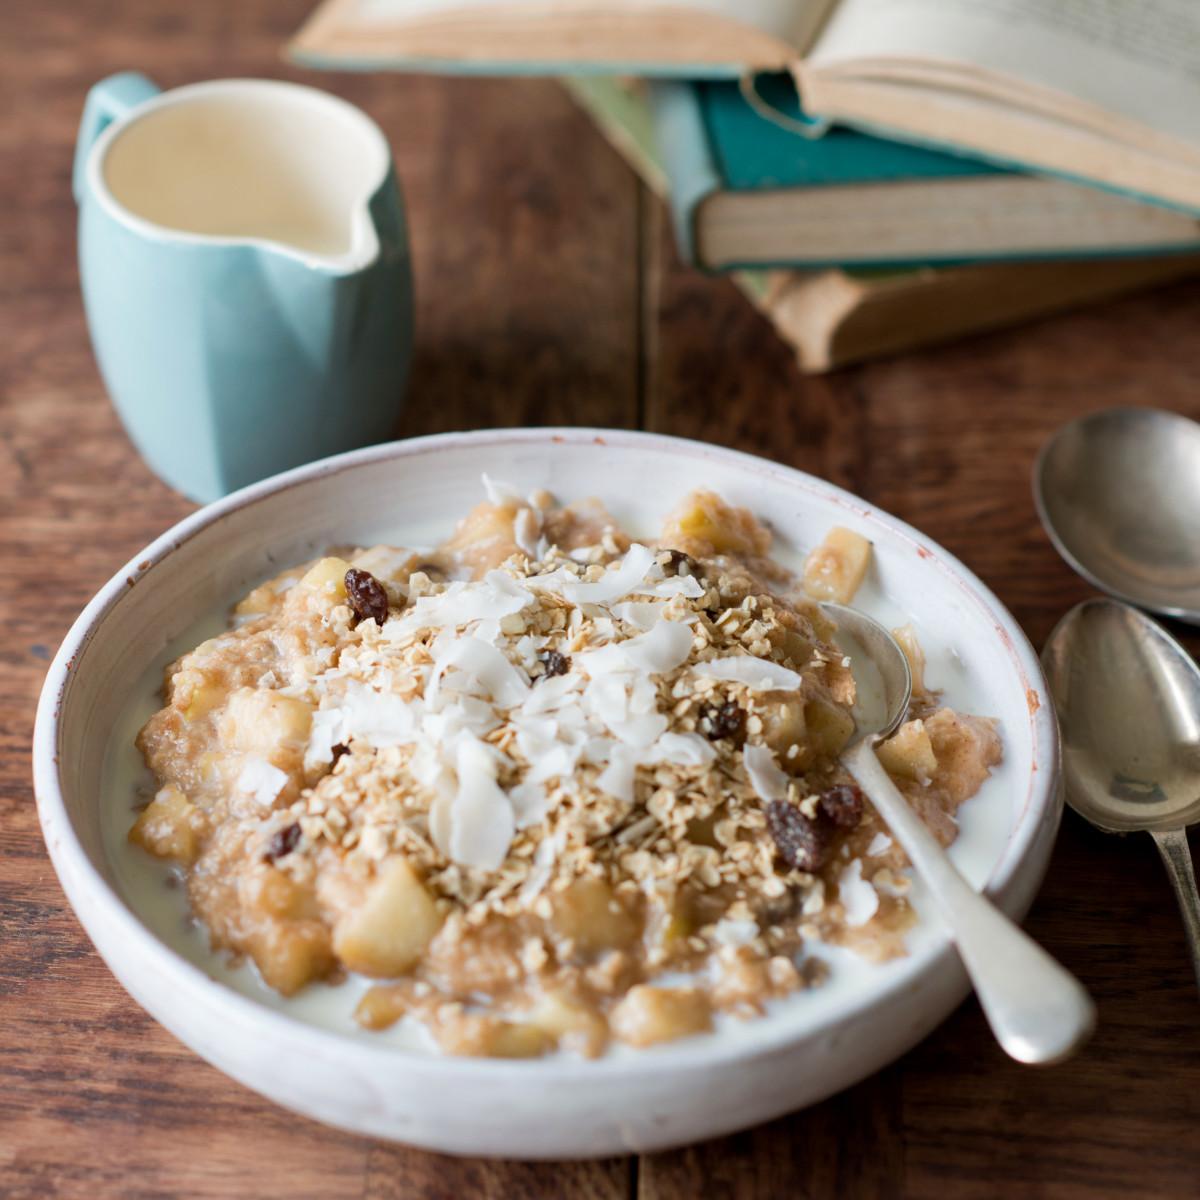 Овсянка и кипяток | рецепт овсянки на воде для похудения на завтрак